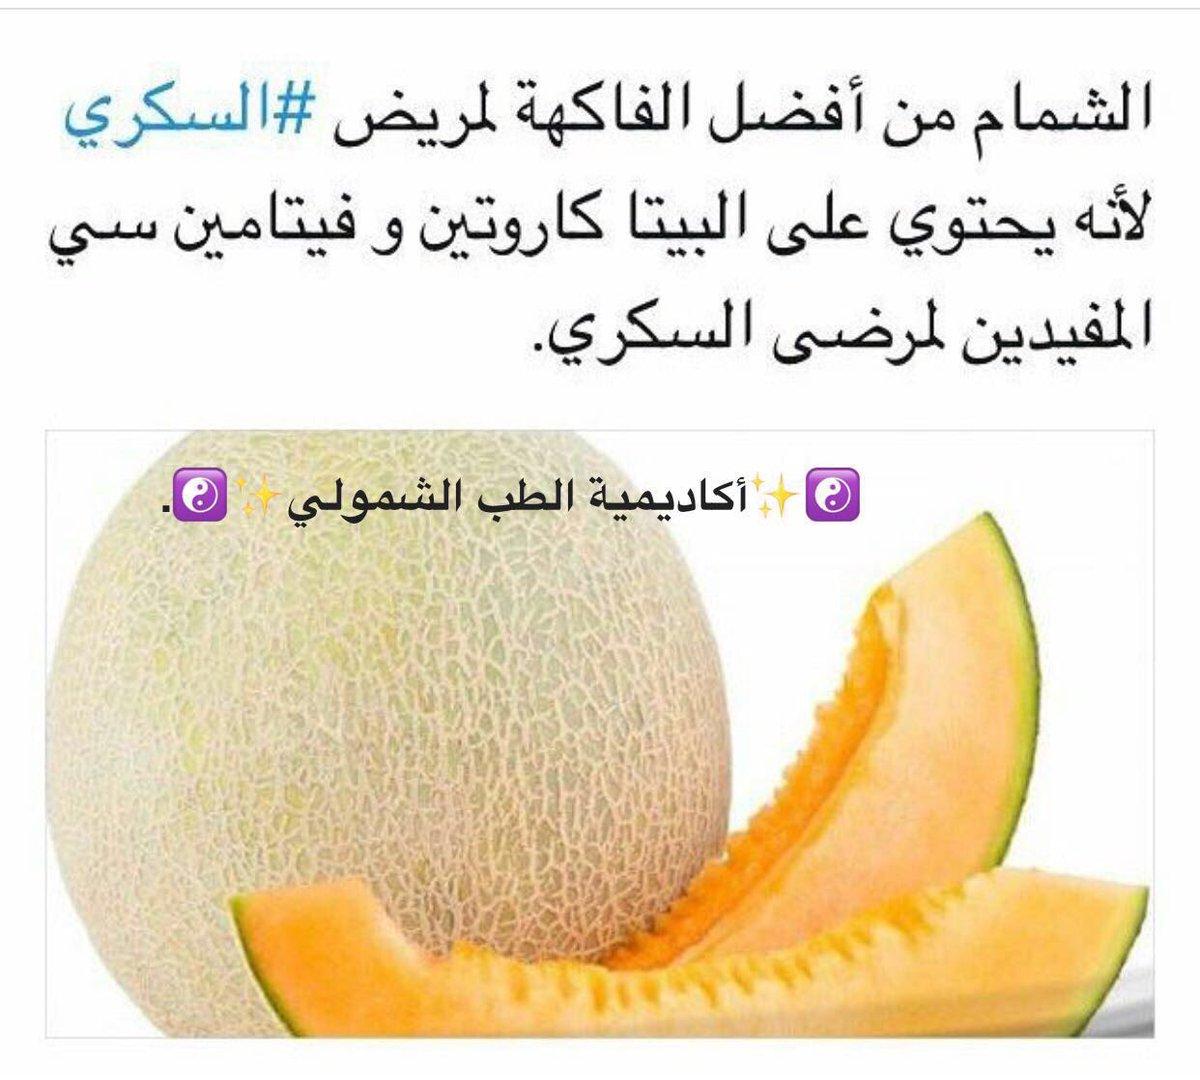 فوائد الشمام لمرضى السكري 6